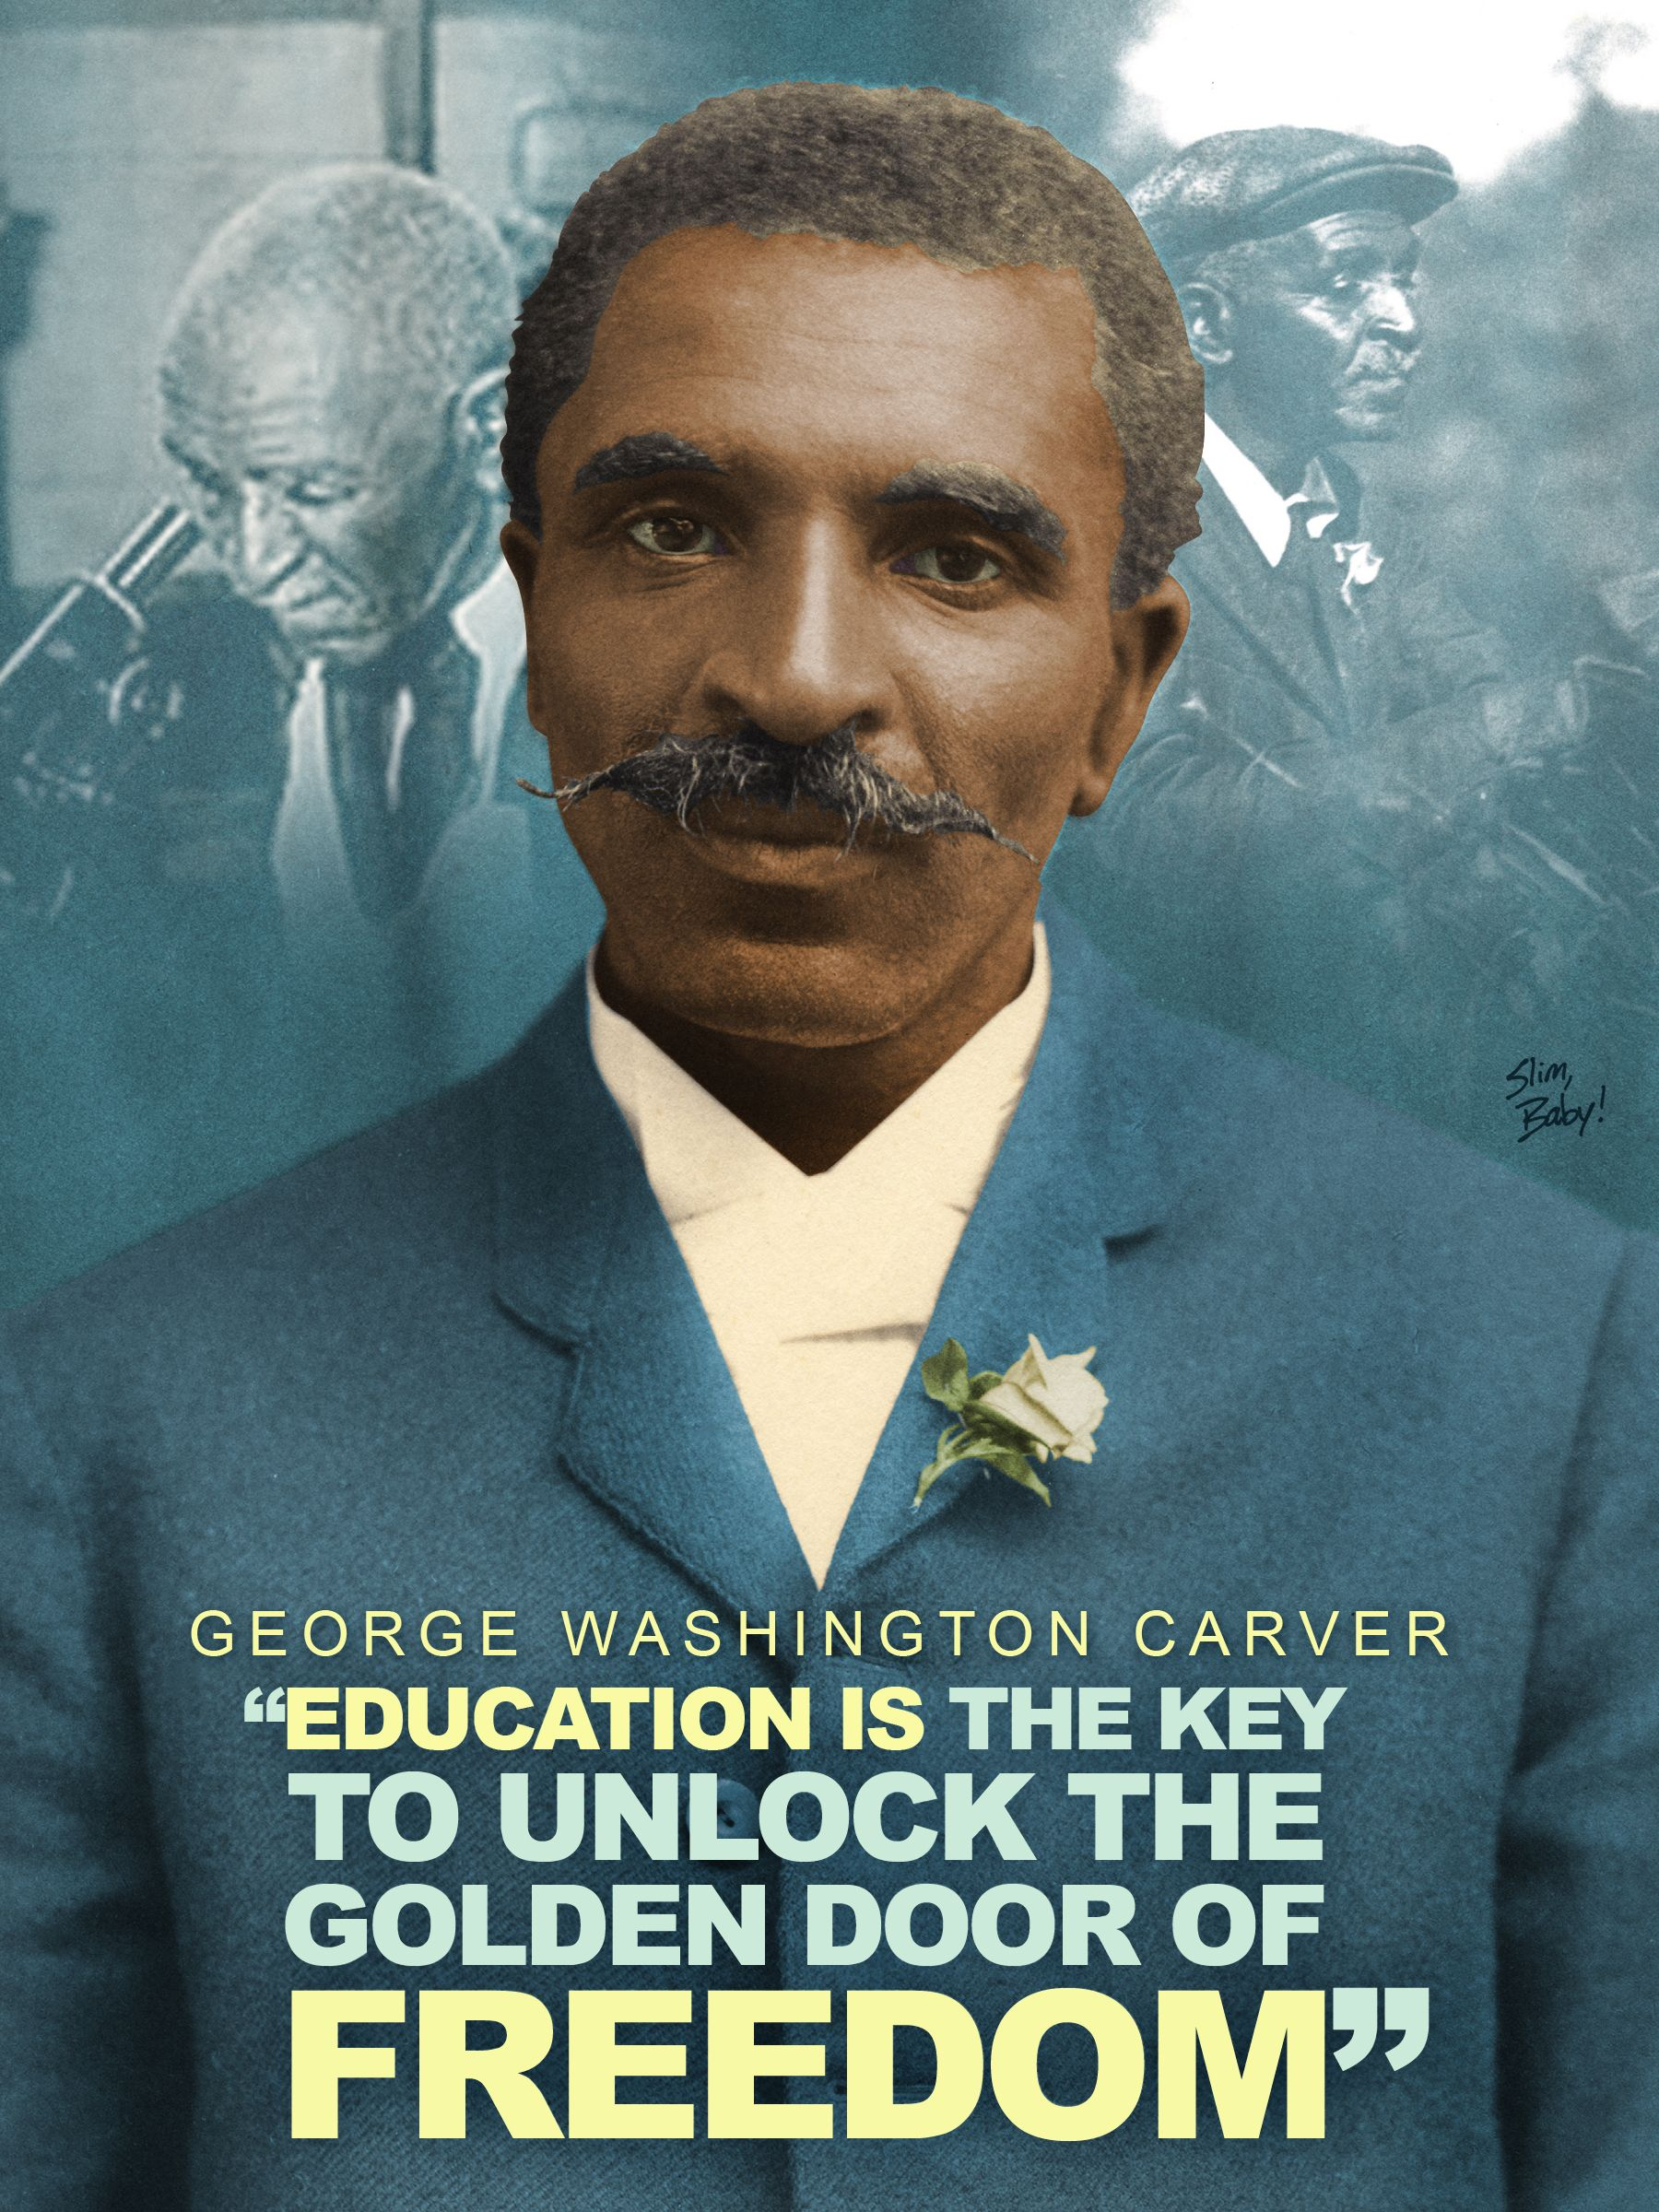 Washington Carver BlackHistoryMonth Tribute Design